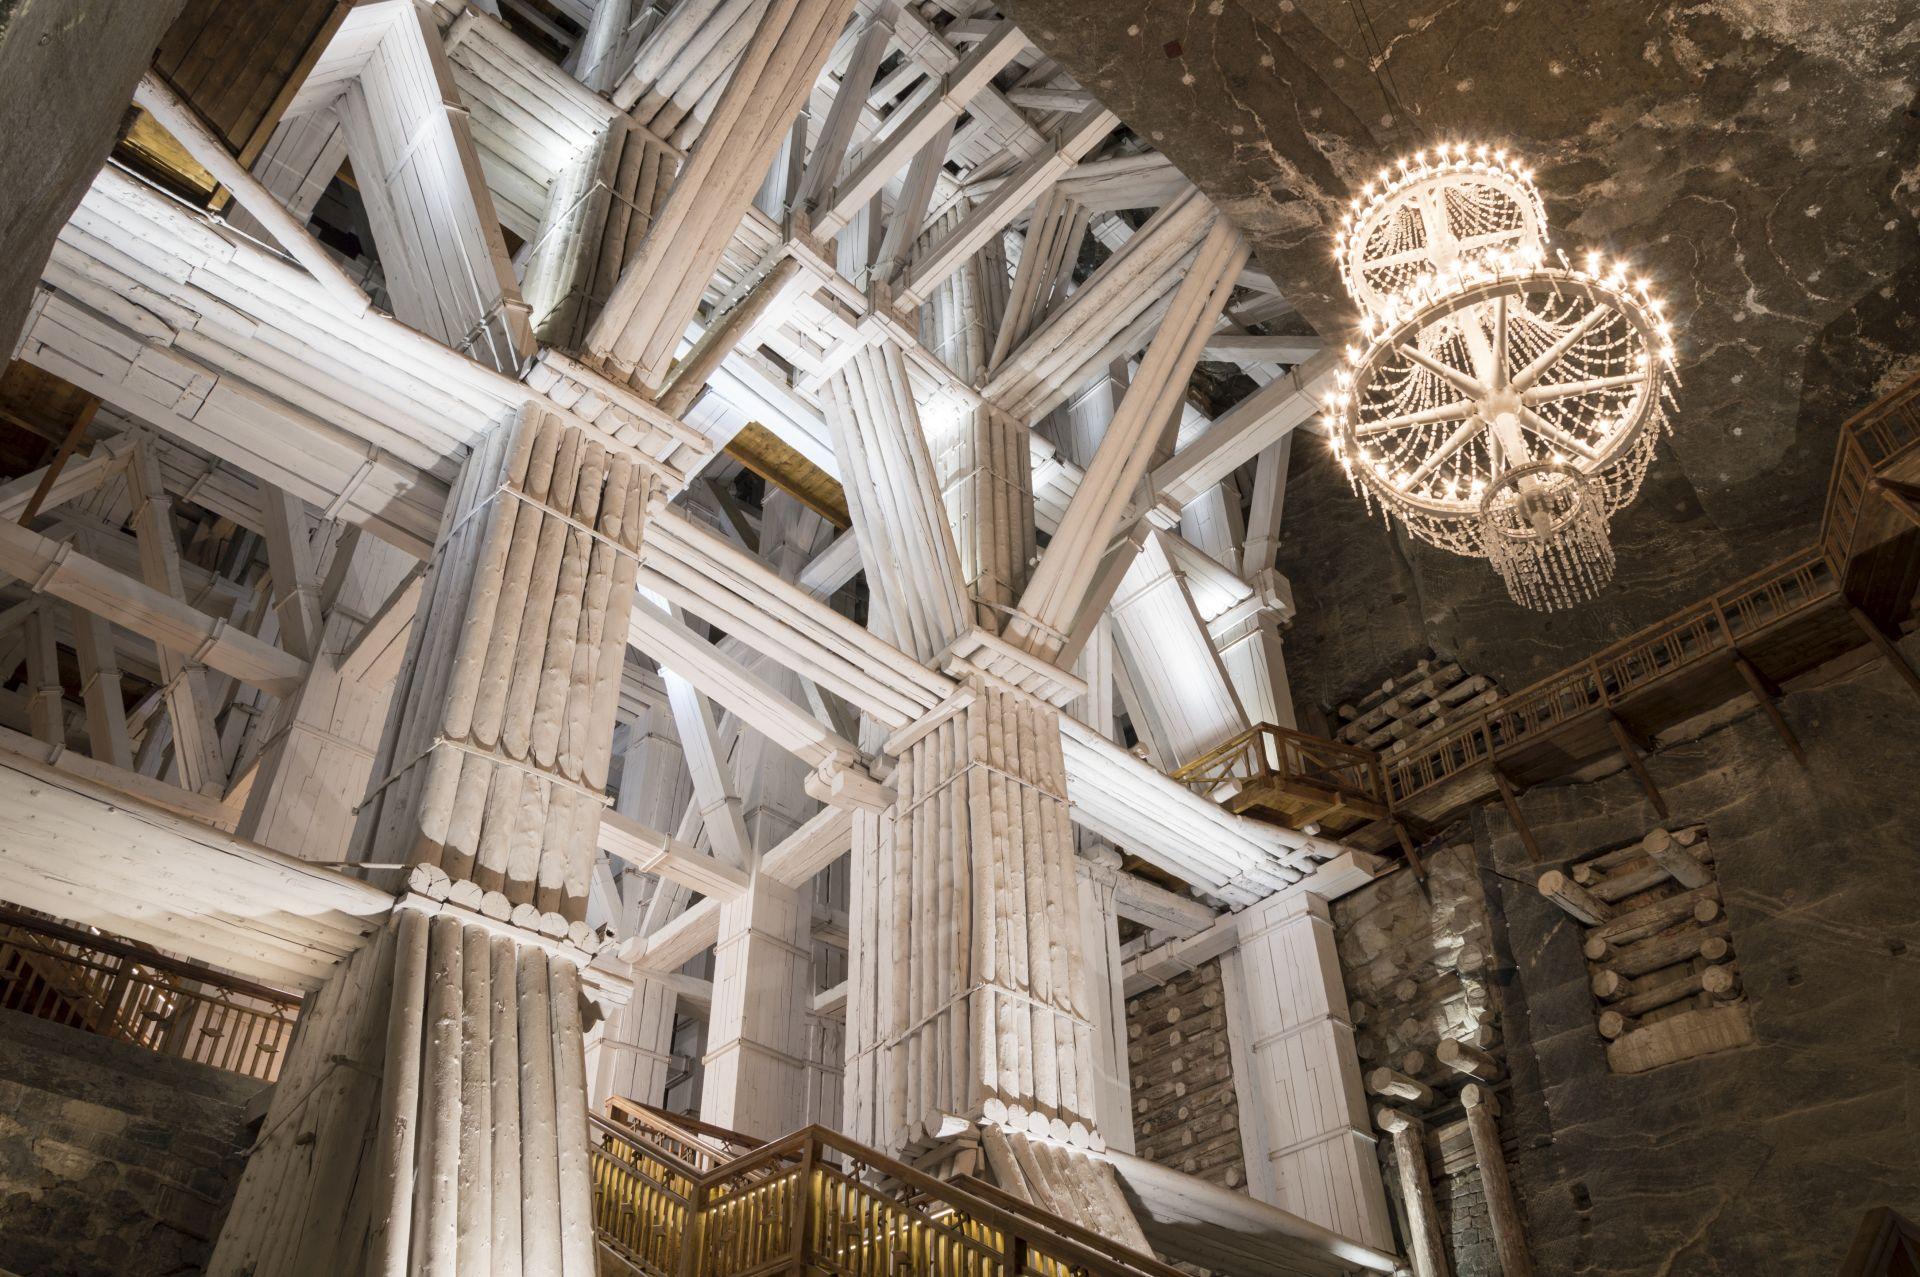 Underground Chamber in the Salt Mine, Wieliczka